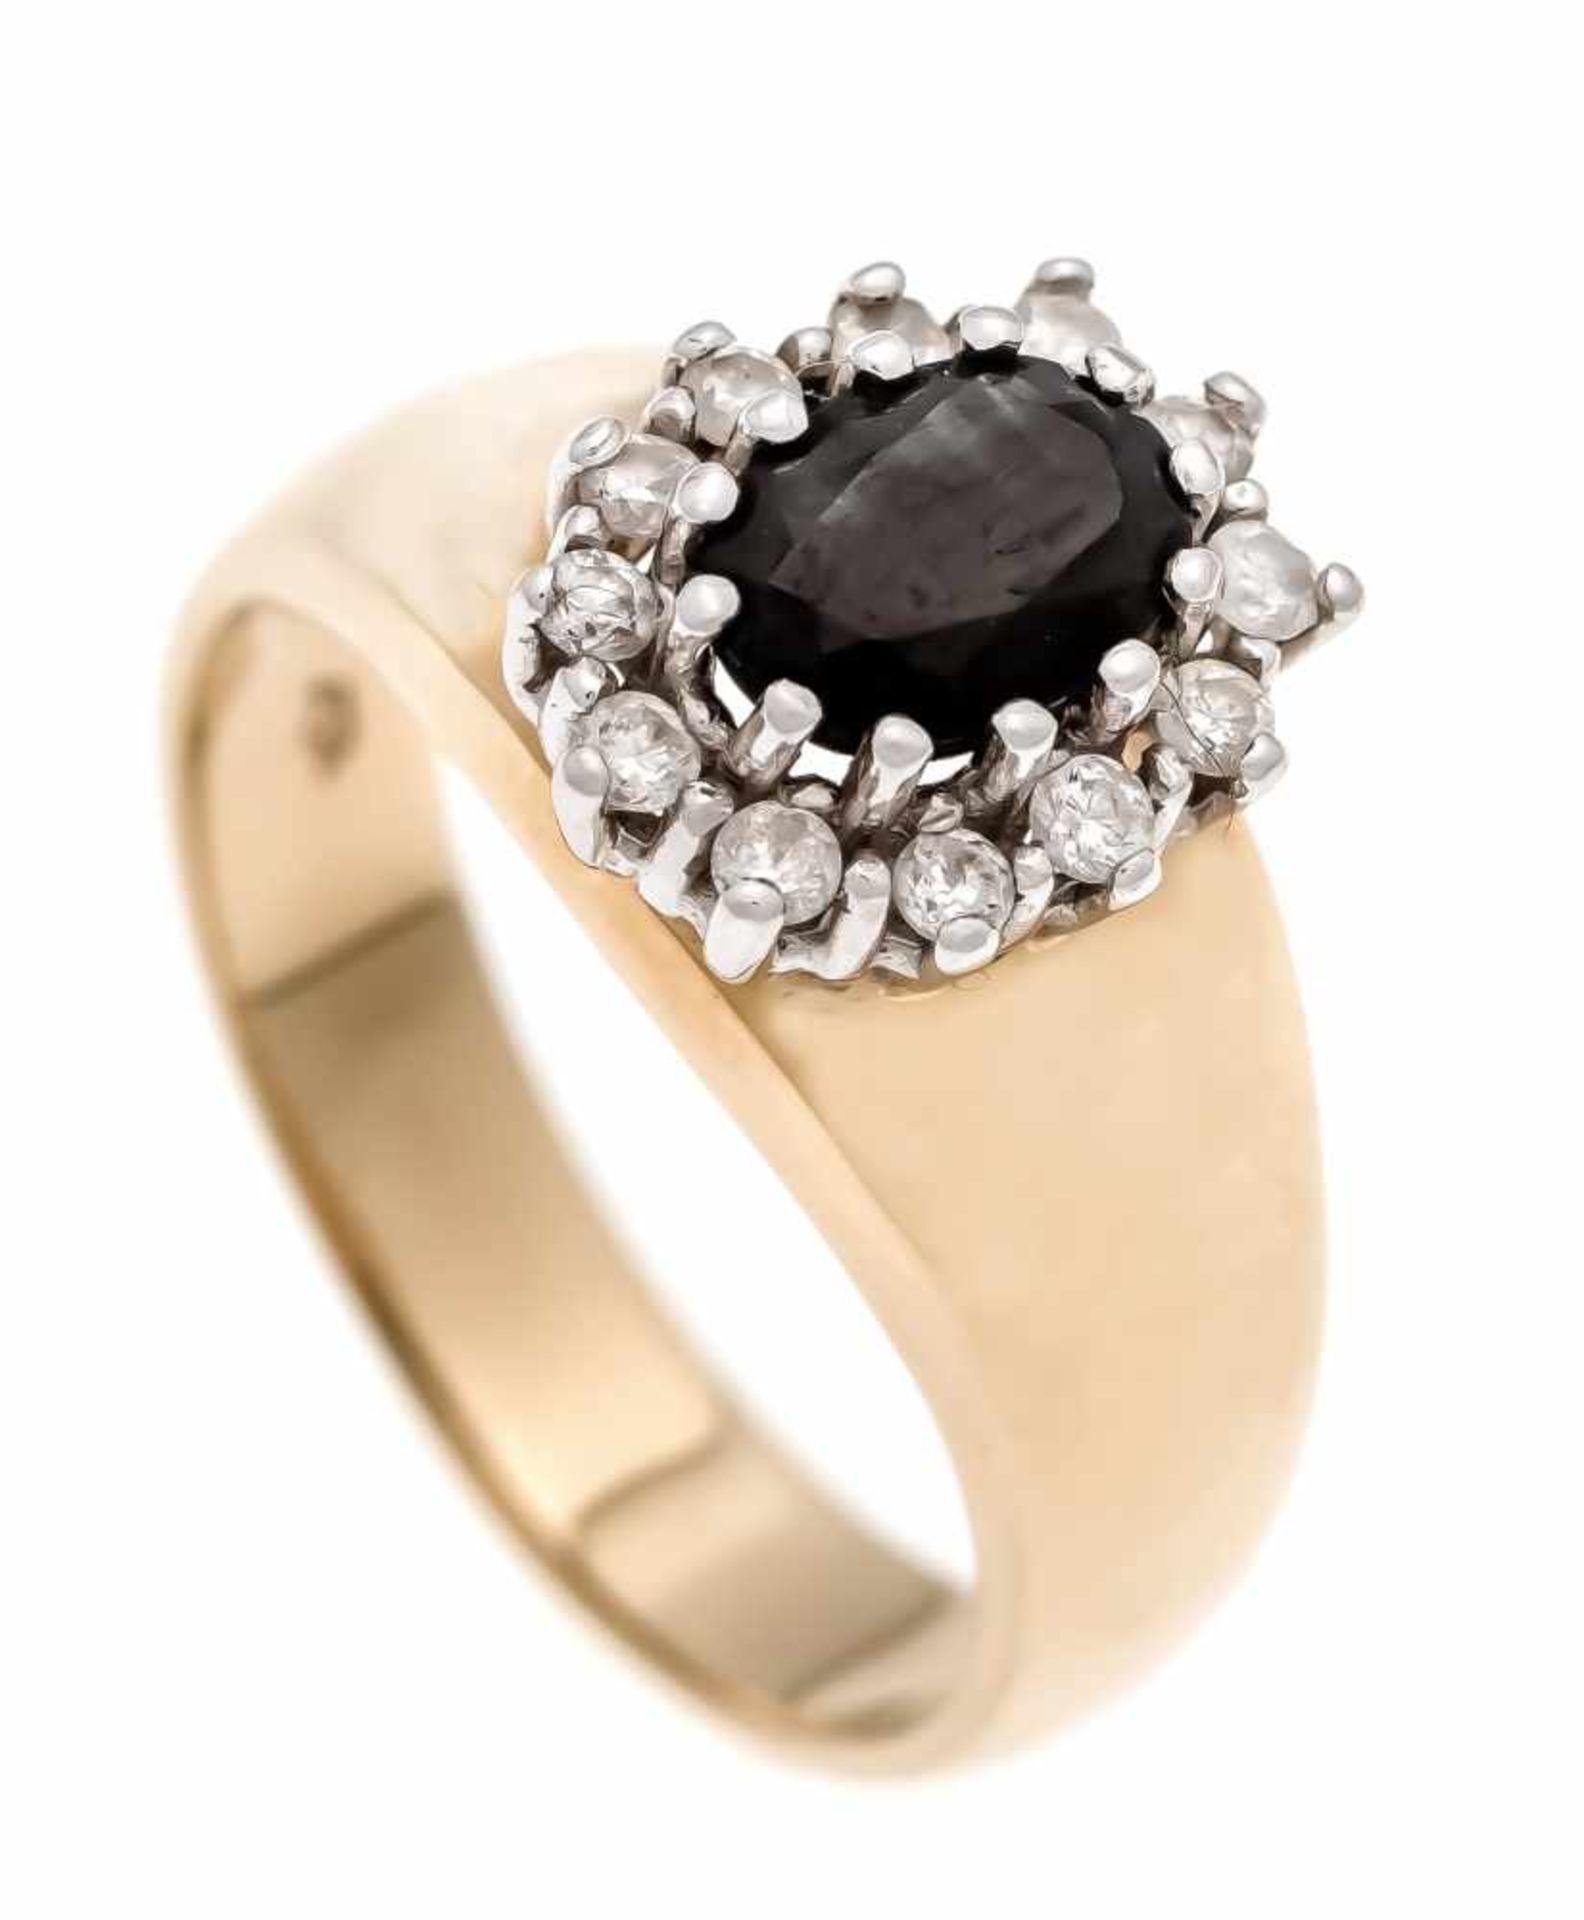 Saphir-Brillant-Ring GG/WG 585/000 mit einem oval fac. Saphir 7 x 5 mm und 12 Brillanten,zus. 0,20